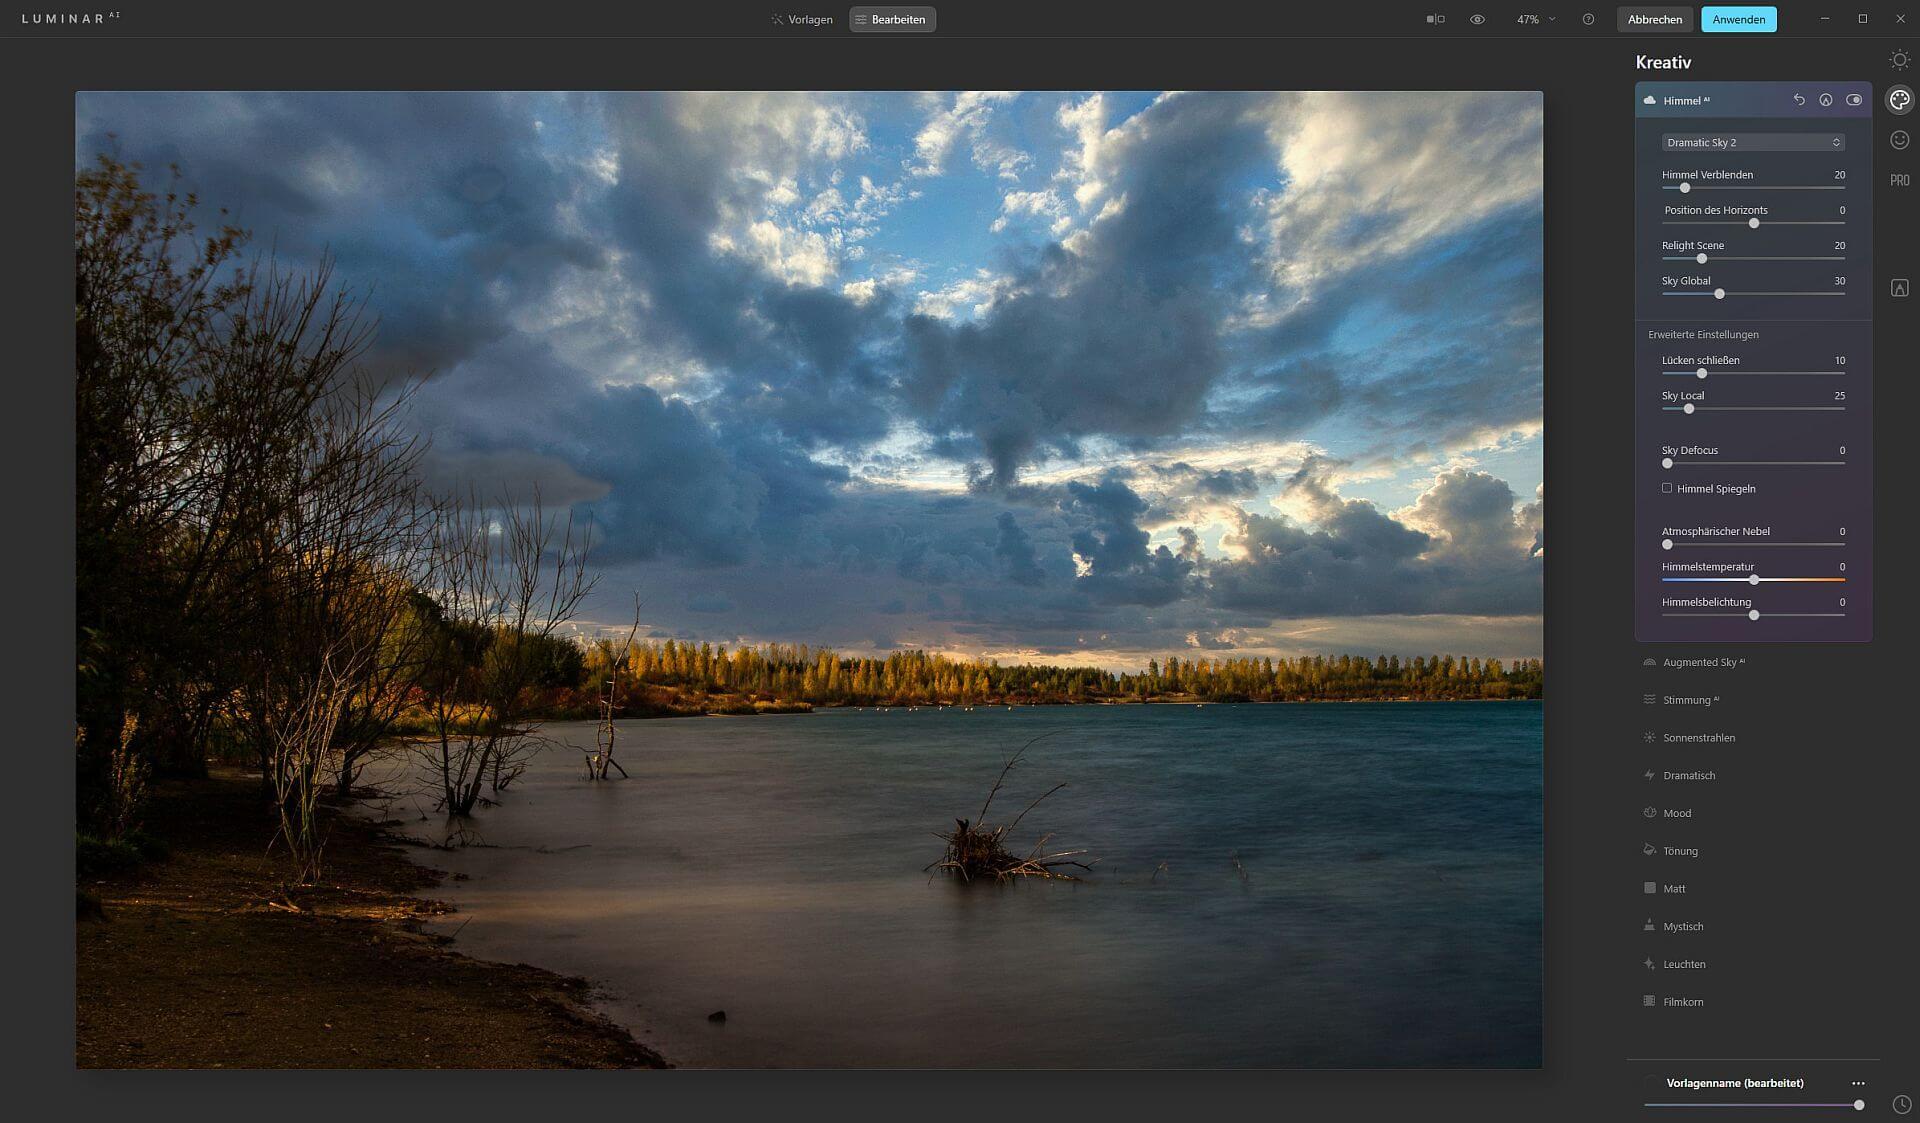 Himmel austauschen mit Luminar oder Photoshop